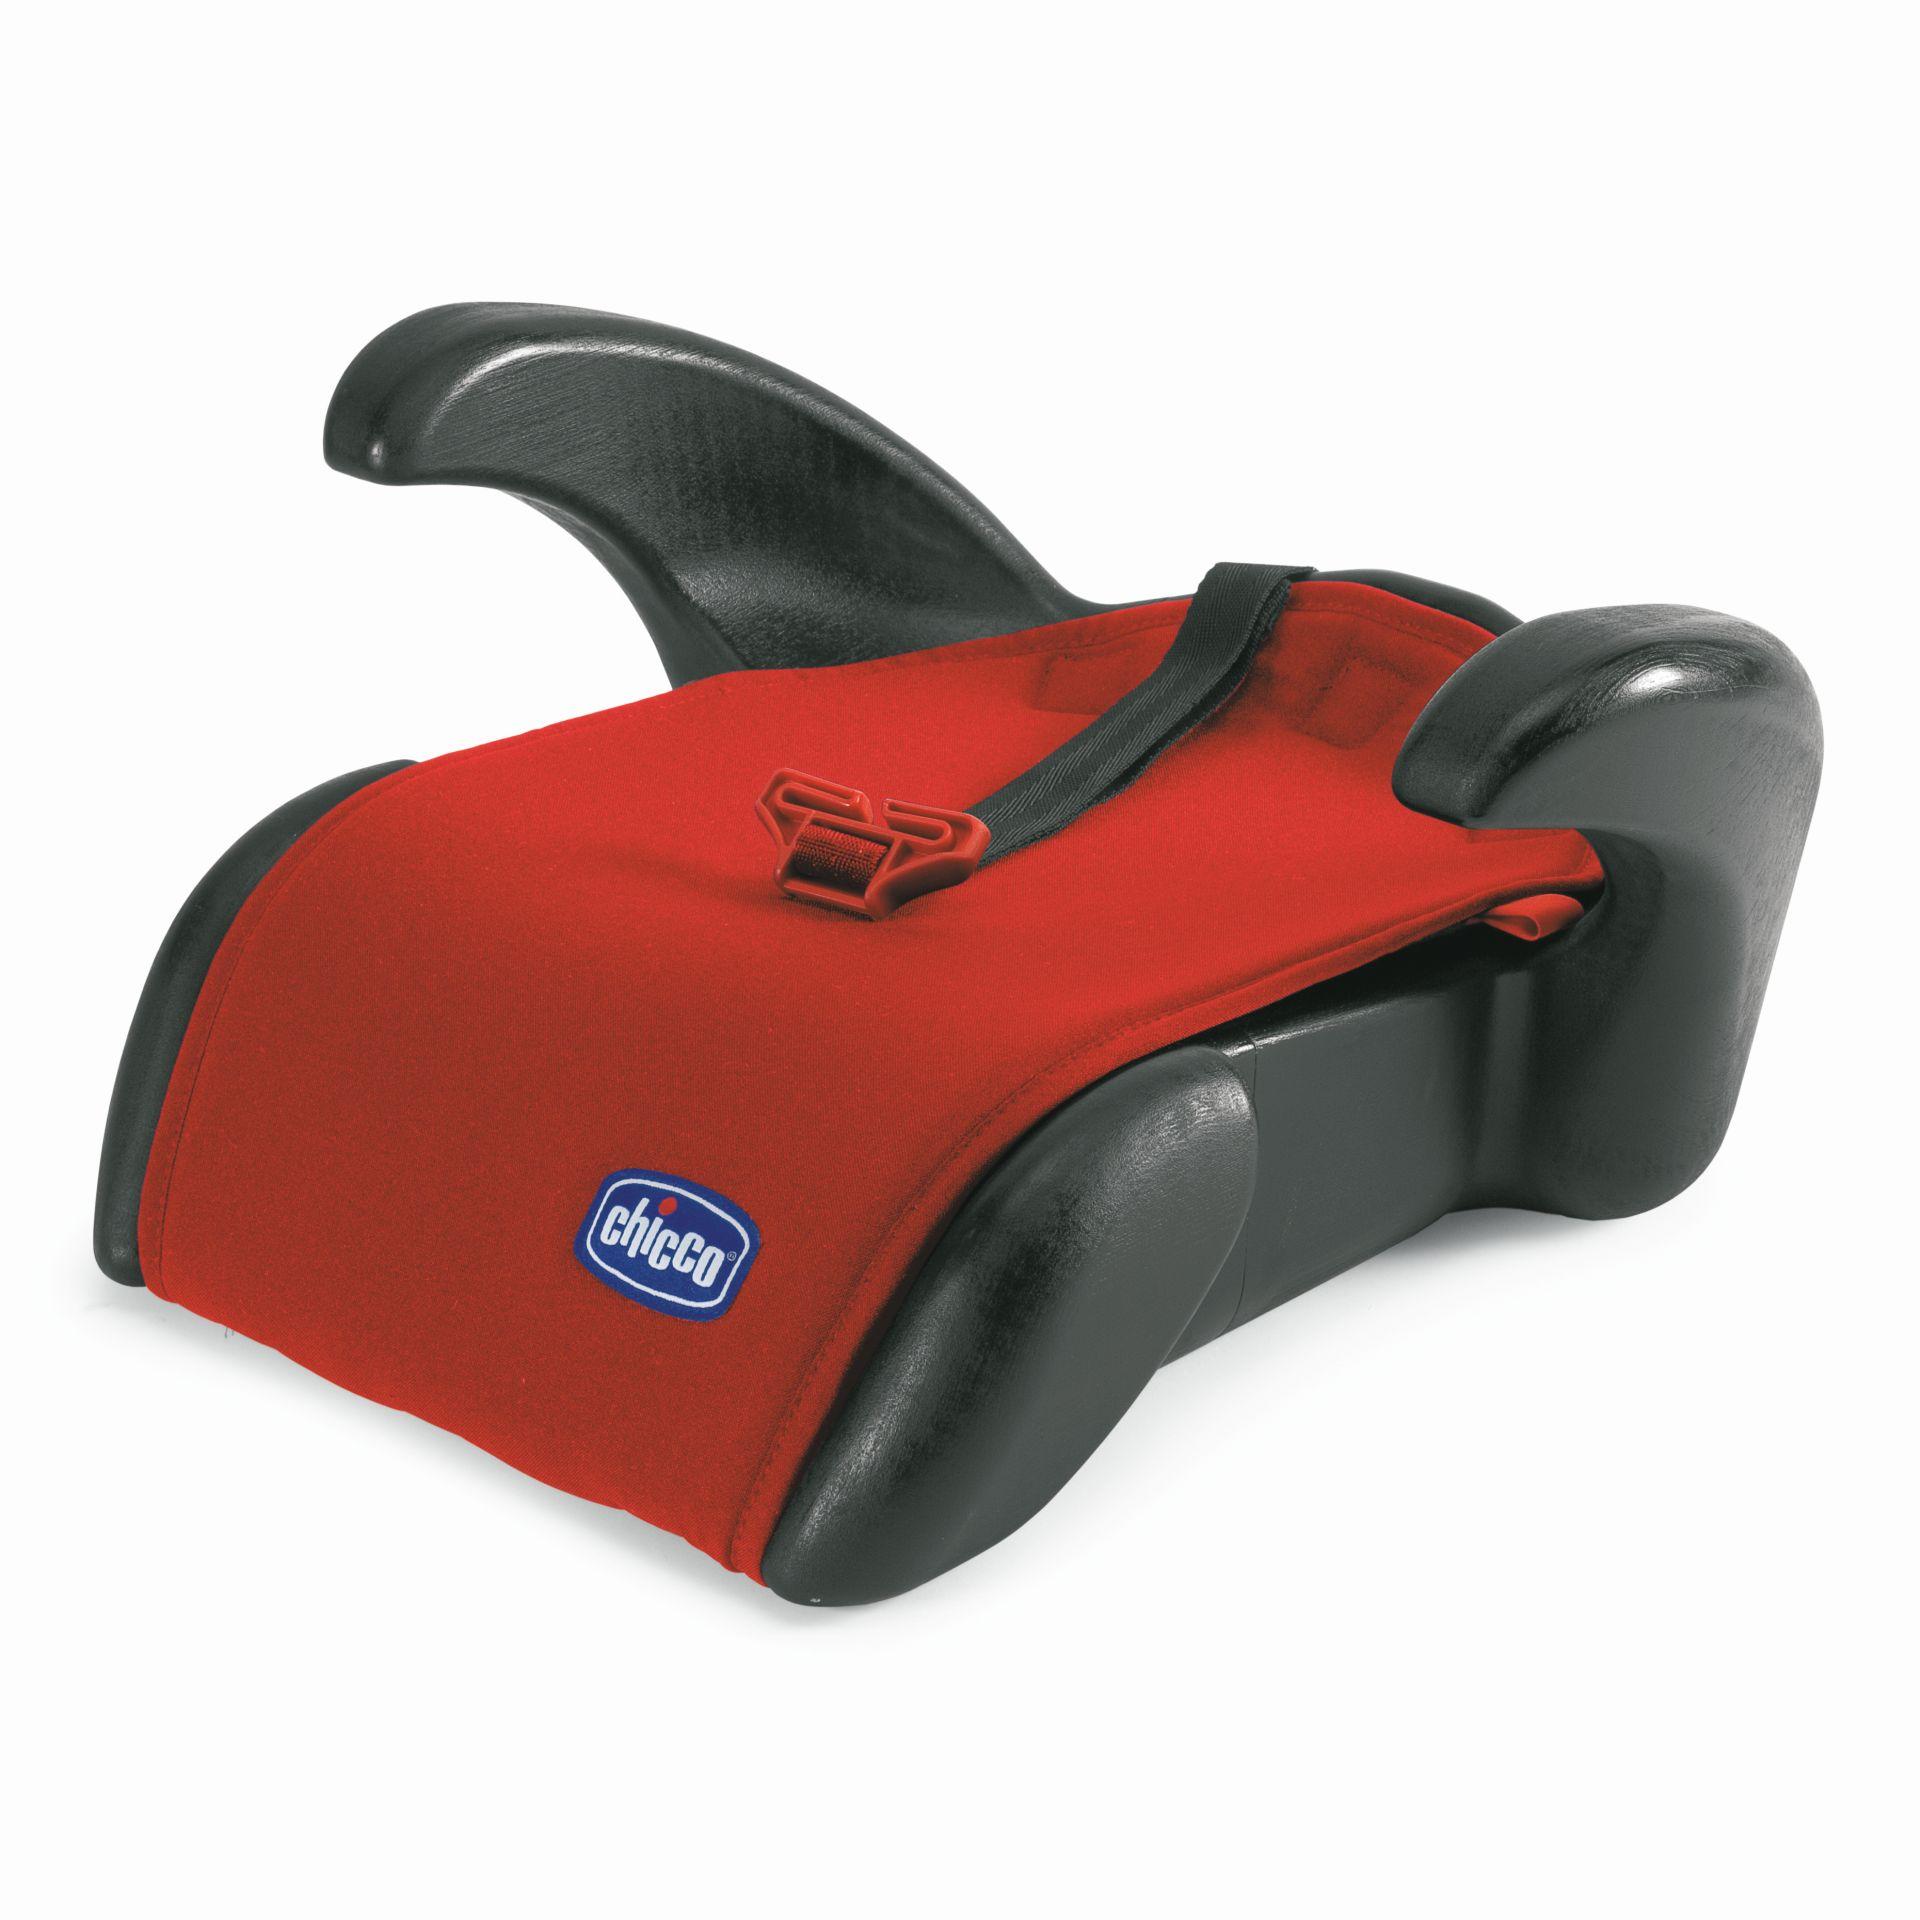 صندلی خودرو کودک چیکو مدل  Quasar Plus Booster